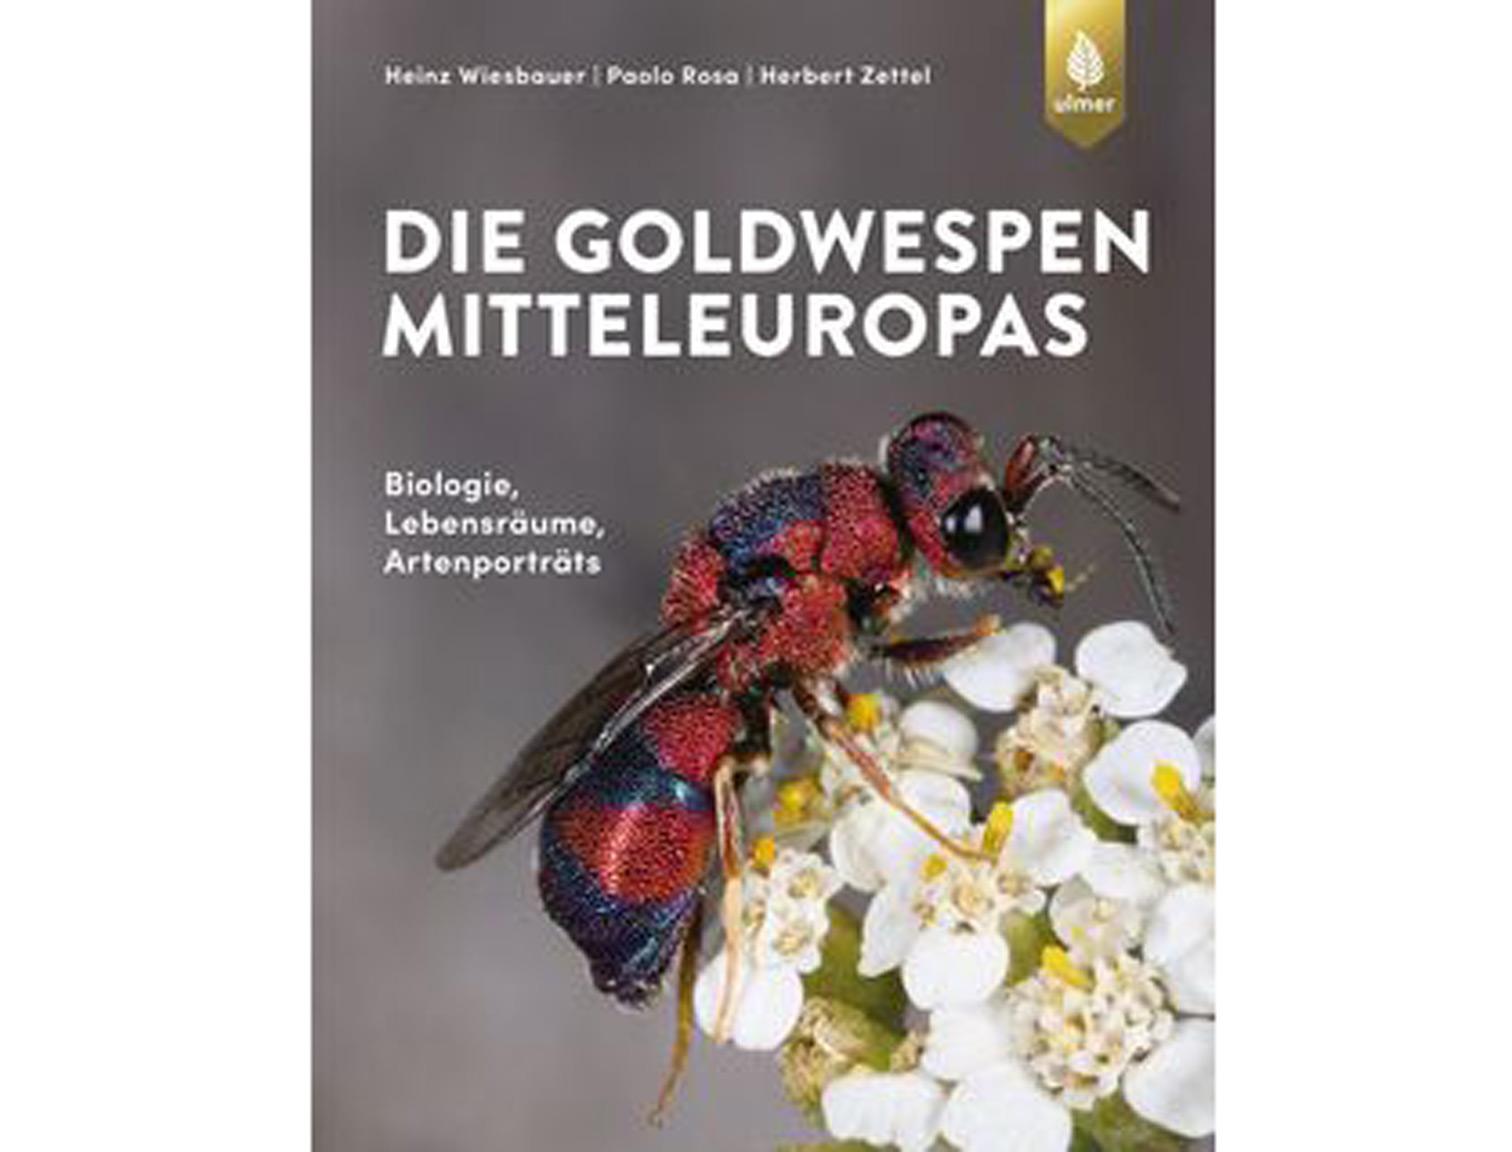 Die-Goldwespen-Mitteleuropas